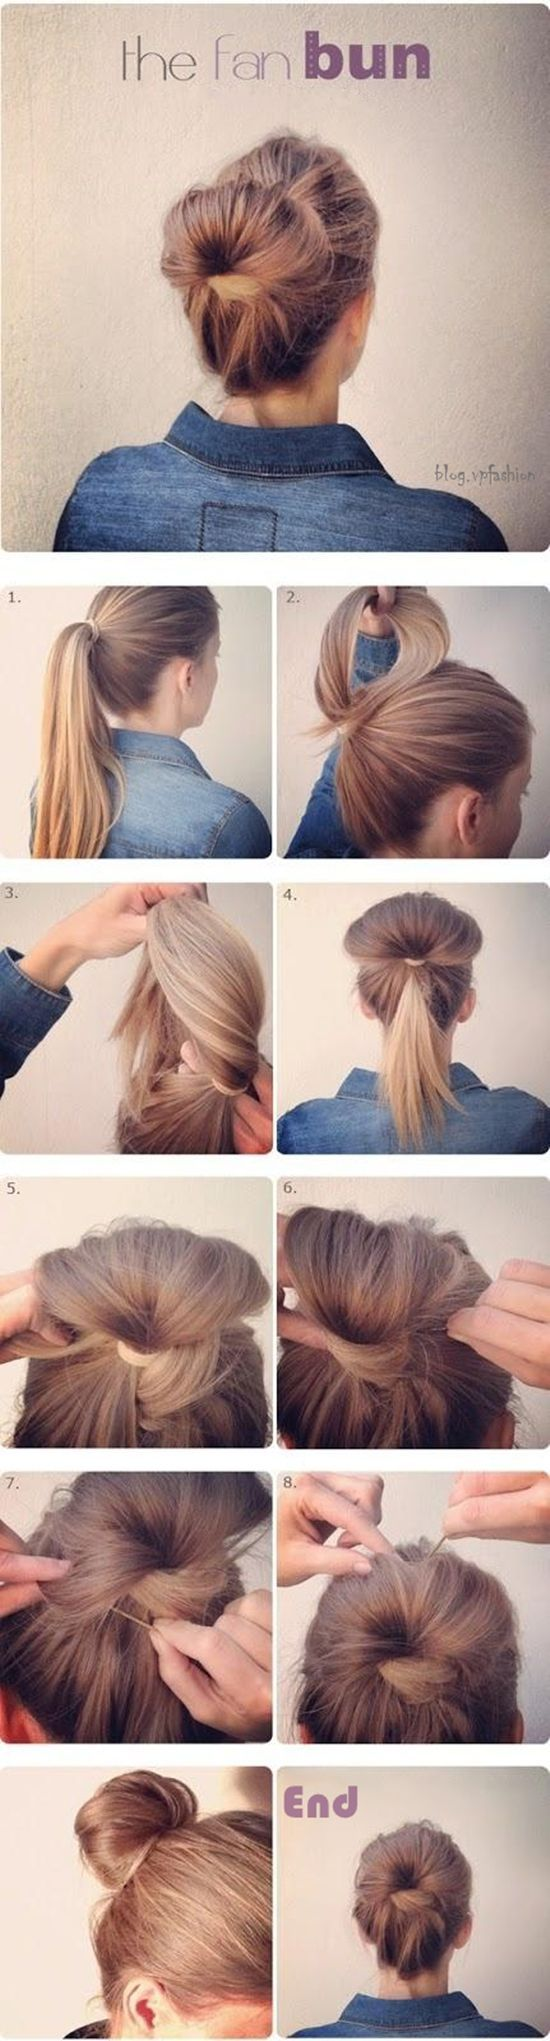 cute hair bun turorial by clip in human hair extensions